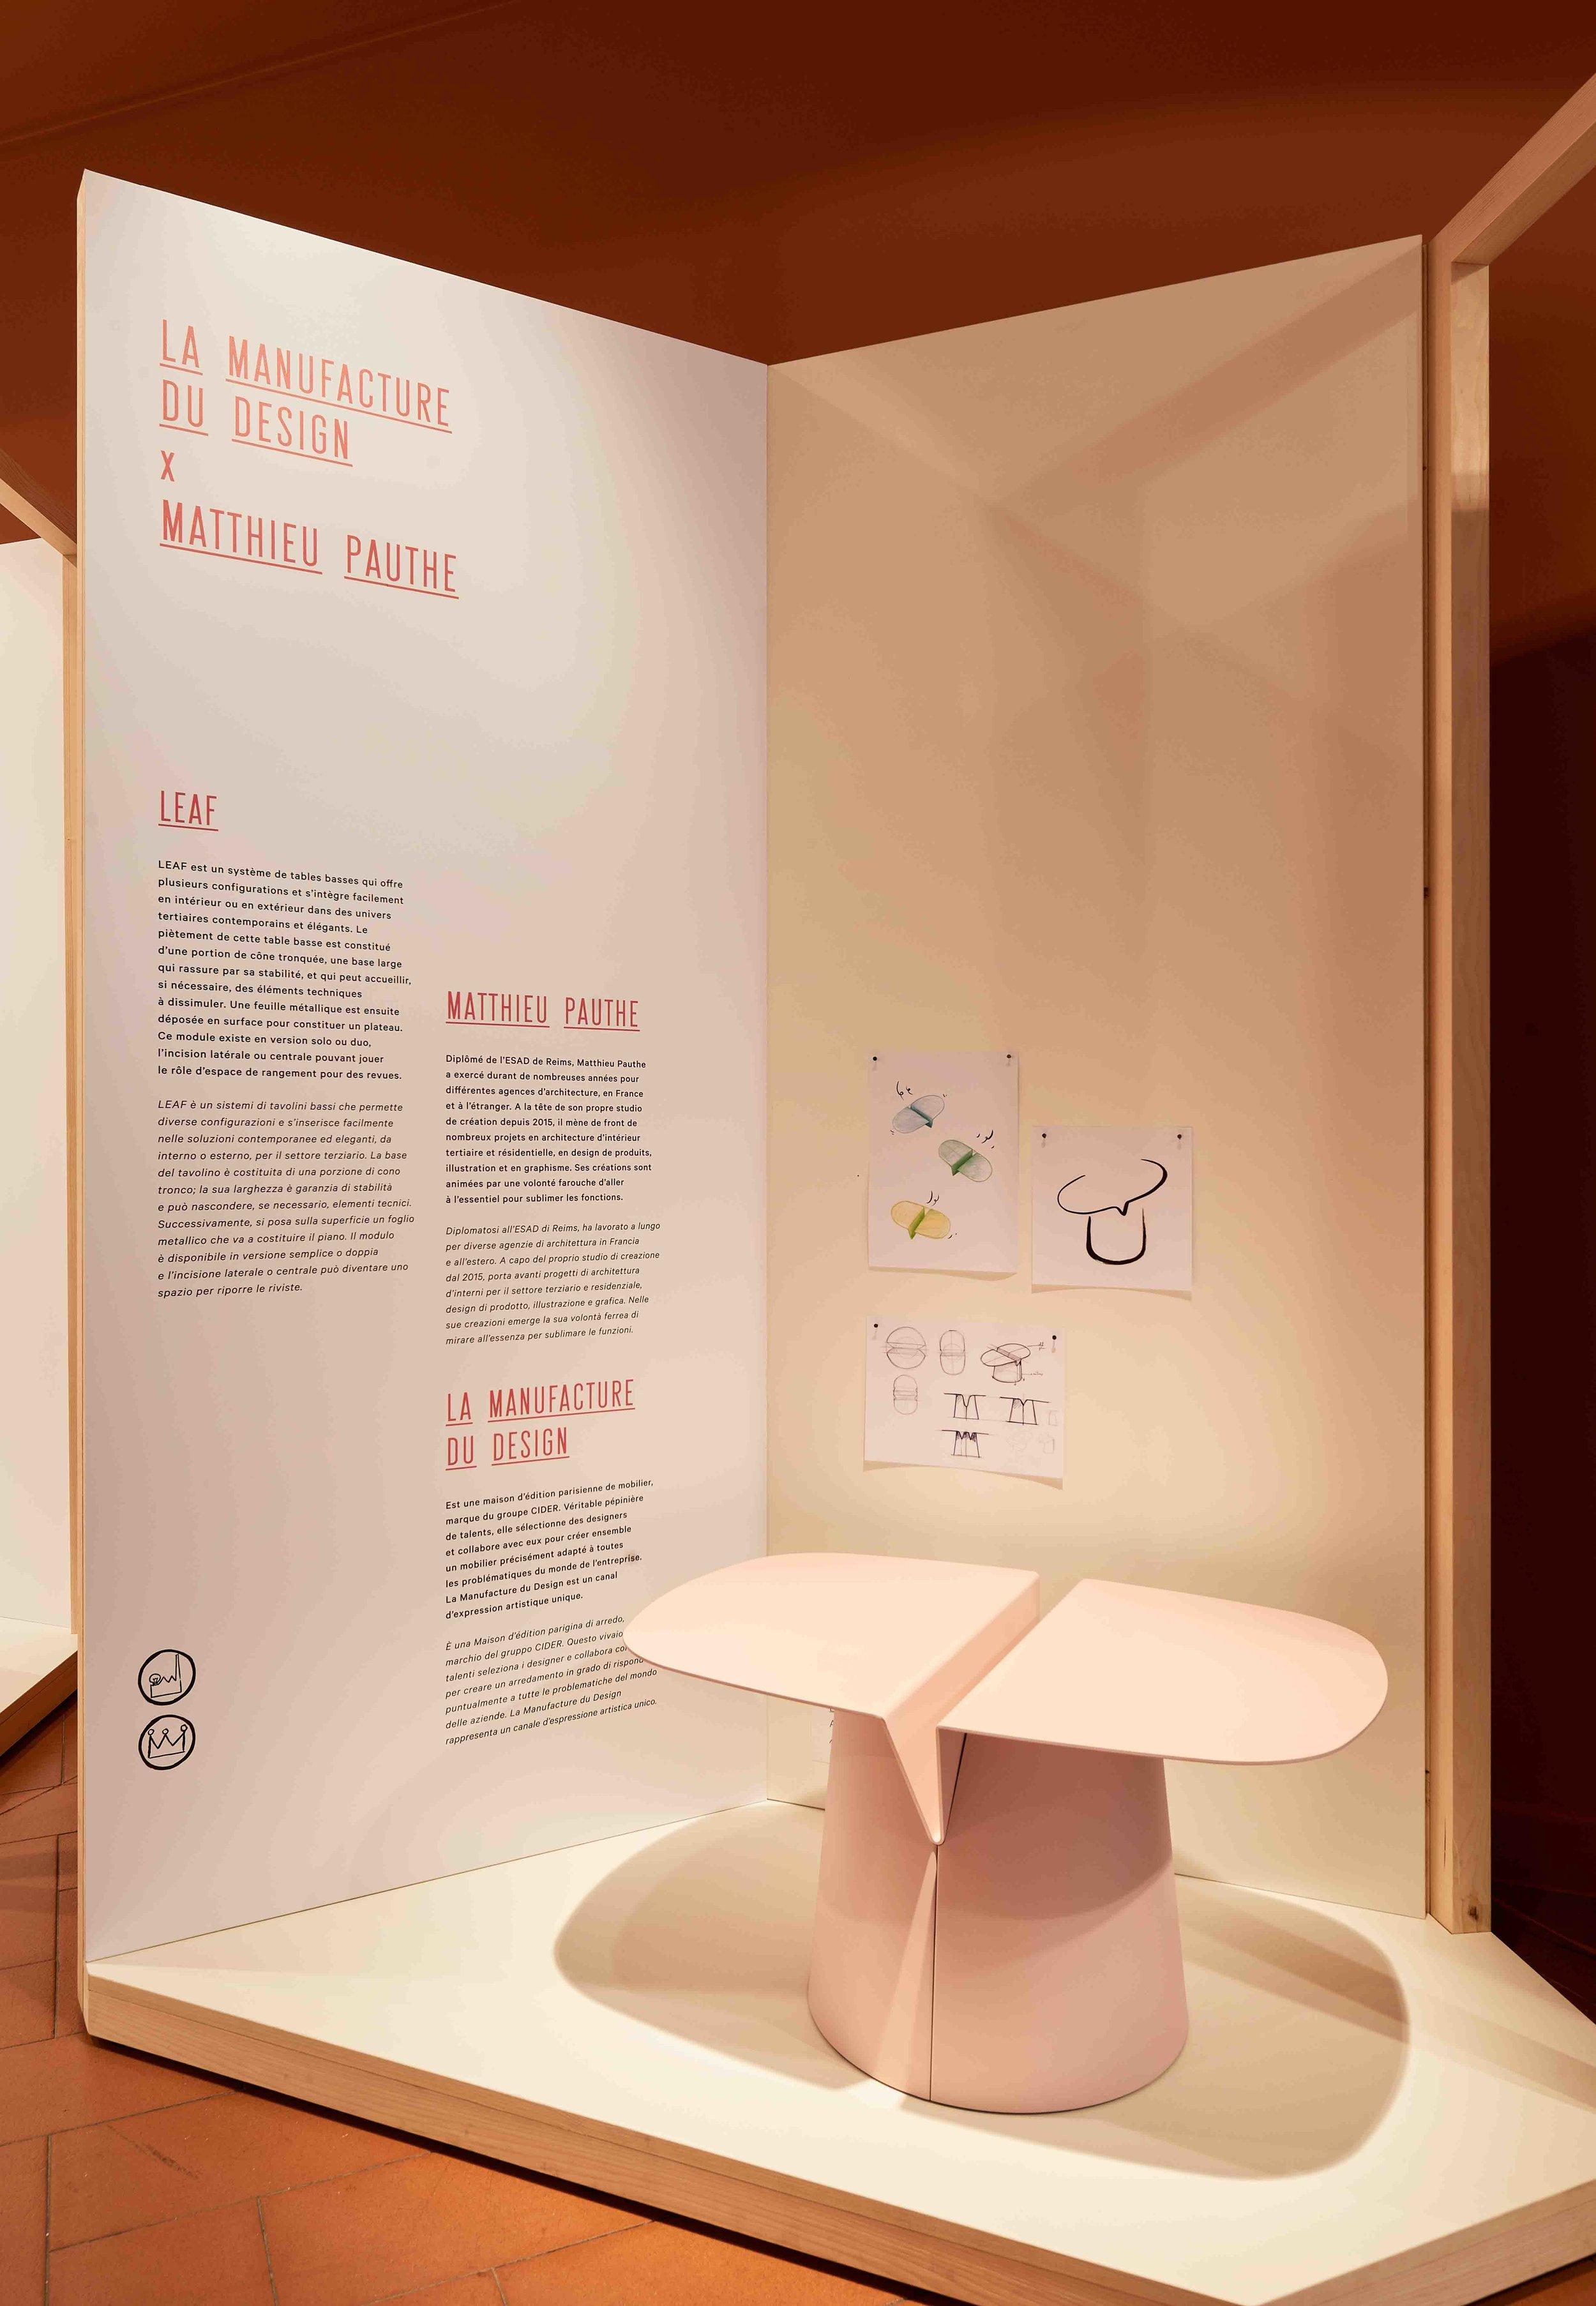 È uno studio di progettazione e decorazione d'interni con soluzioni di design. Photo Gallery Le French Design By Via